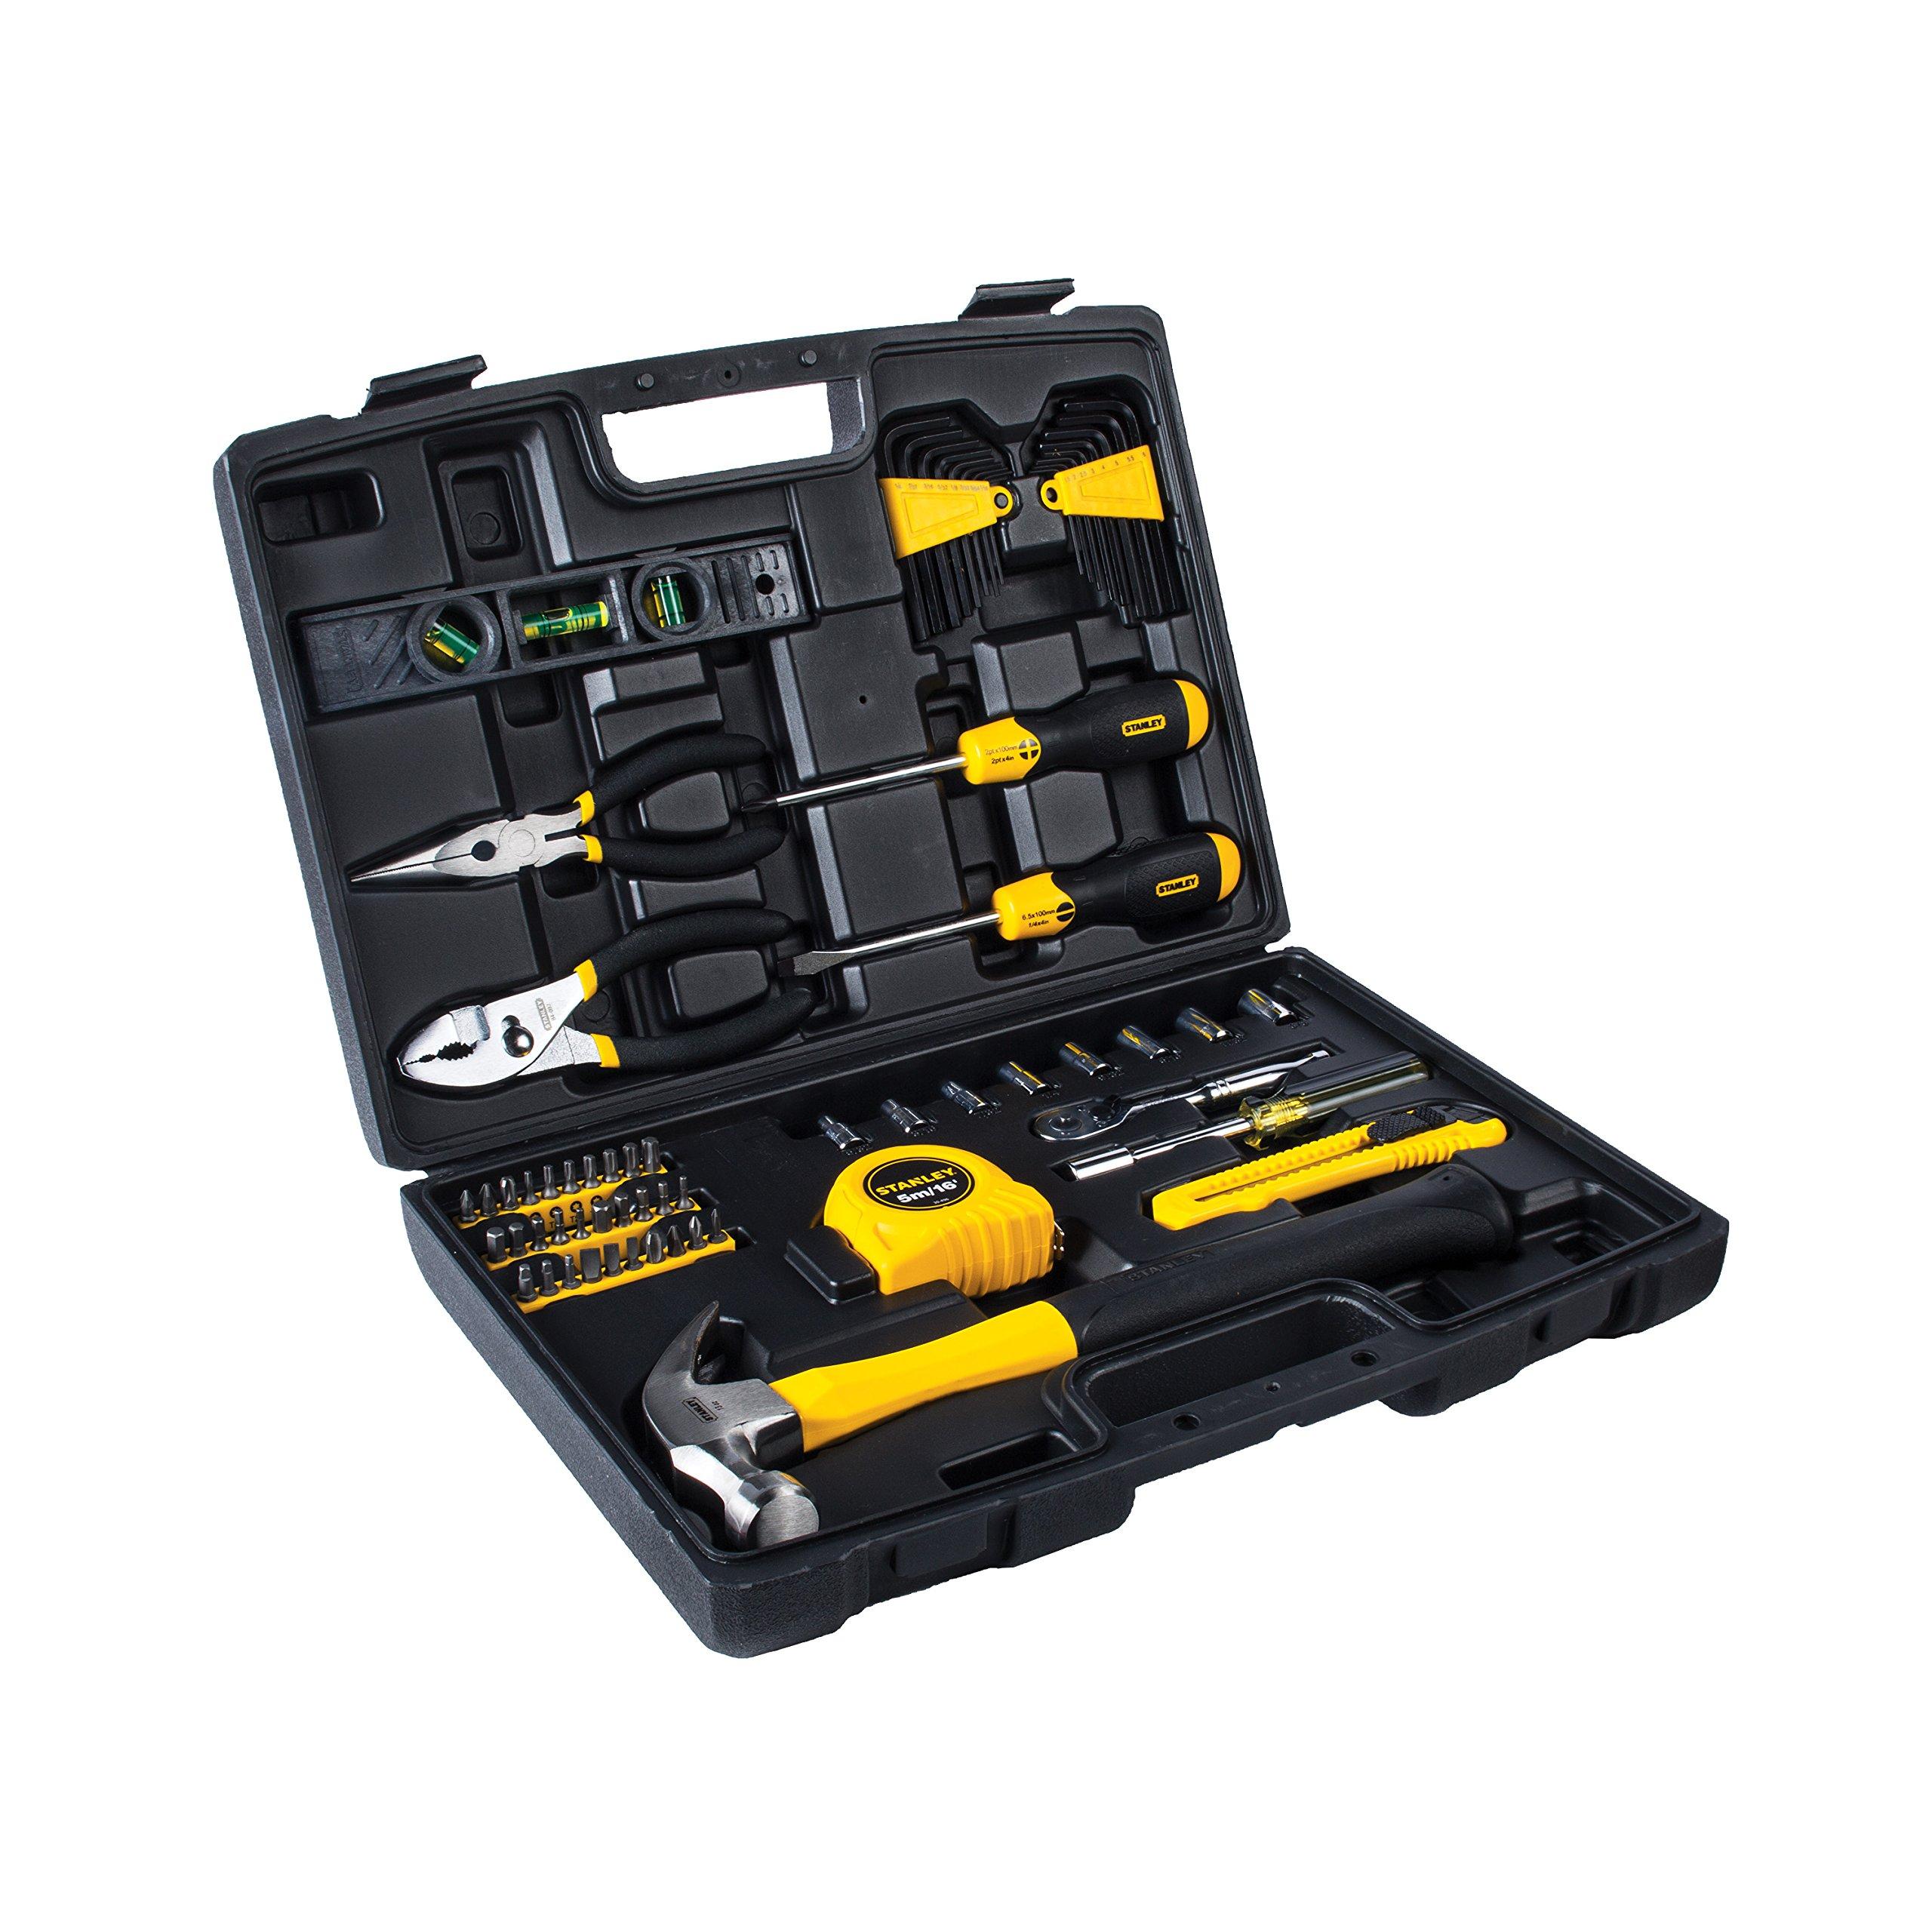 STANLEY 94-248 65 Piece Homeowner's DIY Tool Kit